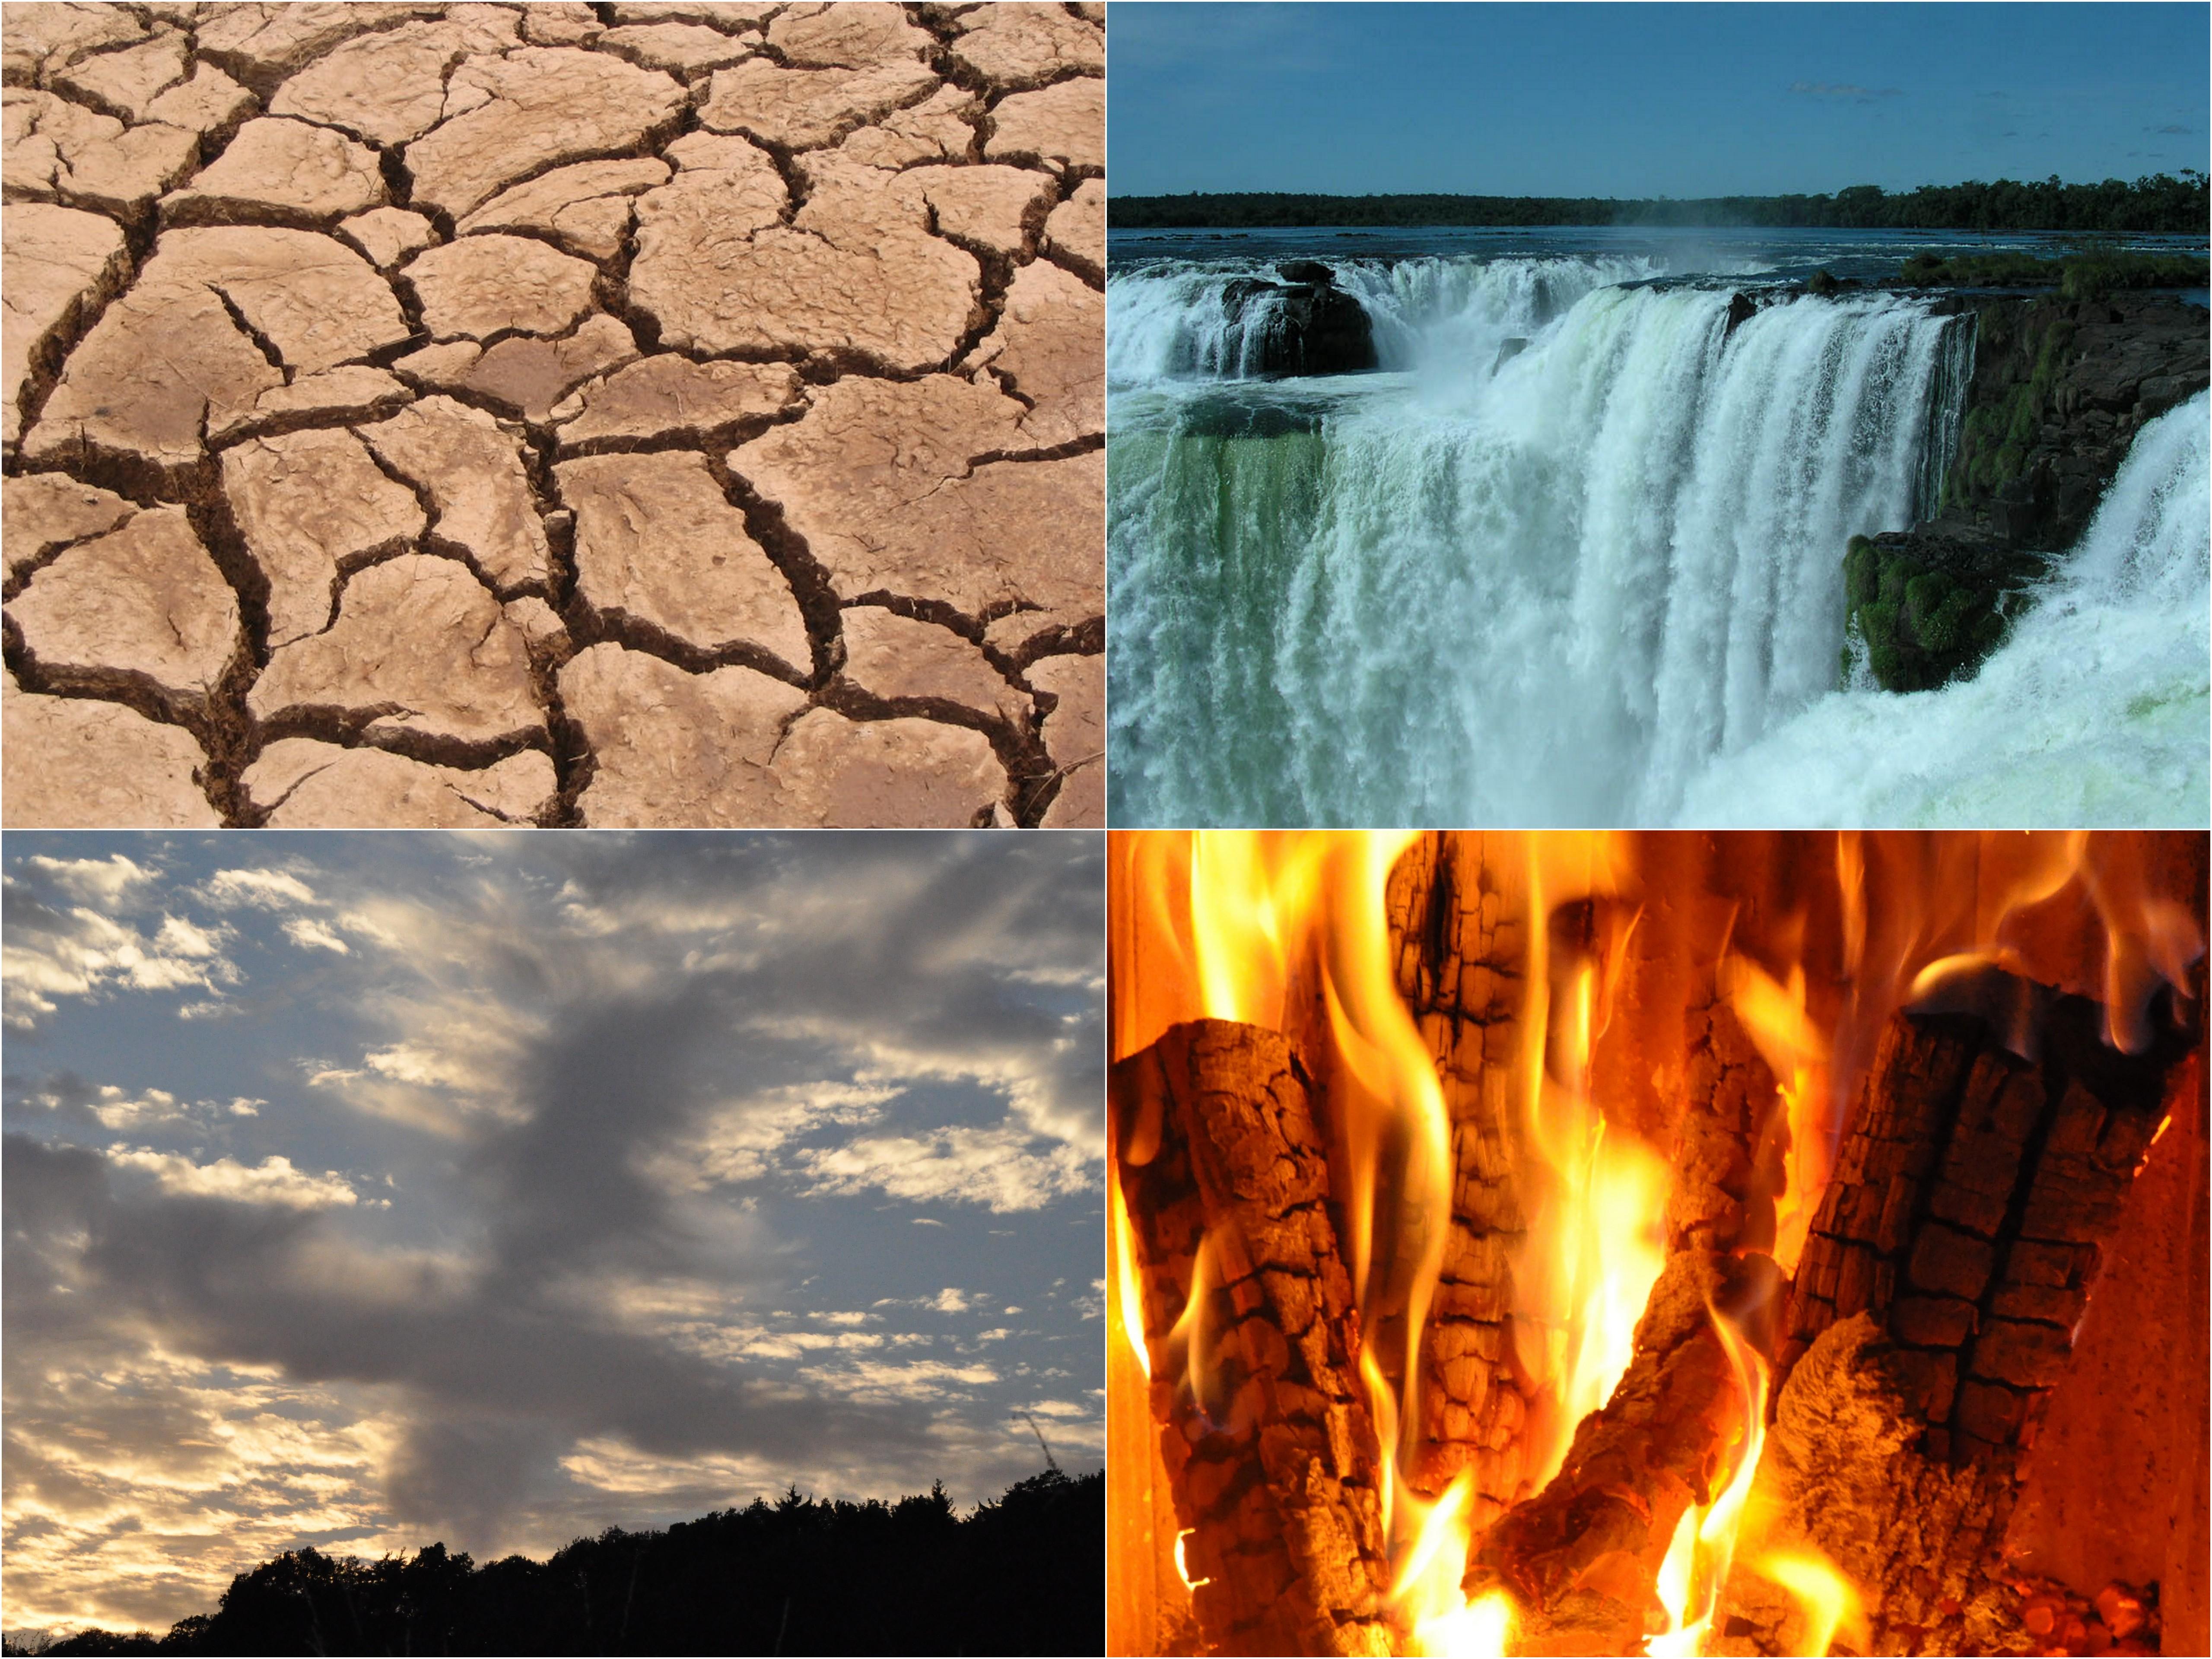 Erde Feuer Wasser Luft Ecosia